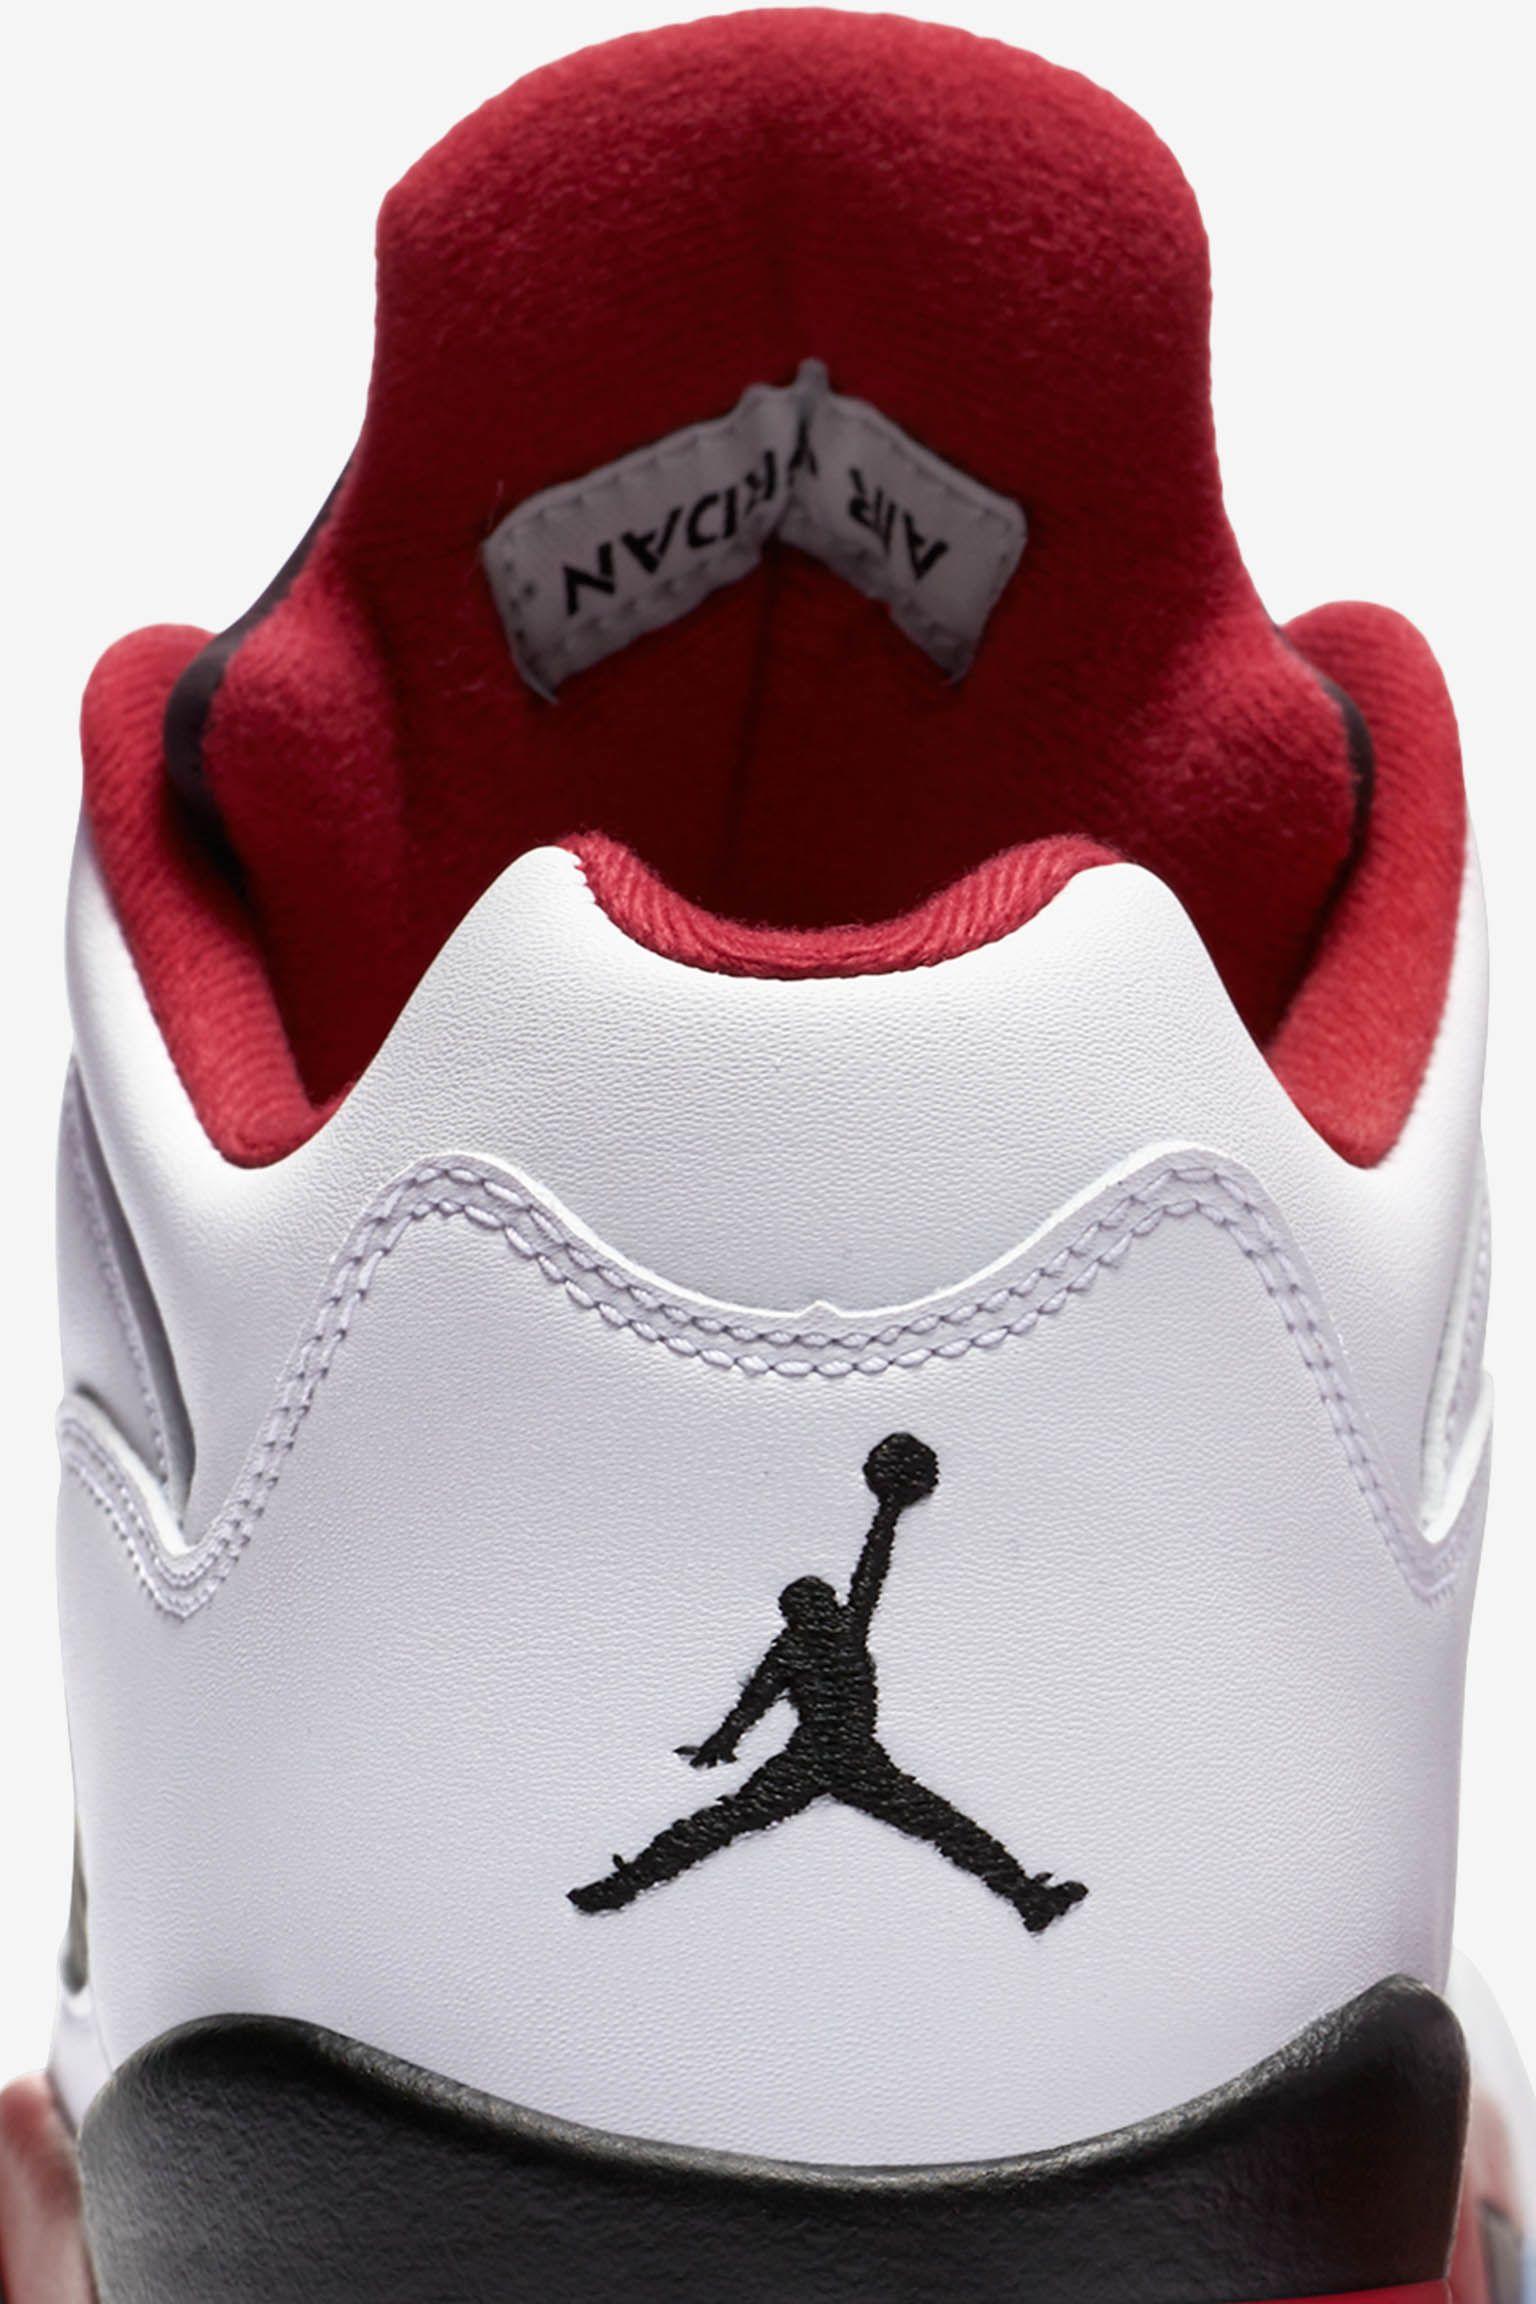 Air Jordan 5 Retro Low 'Fire Red' Release Date